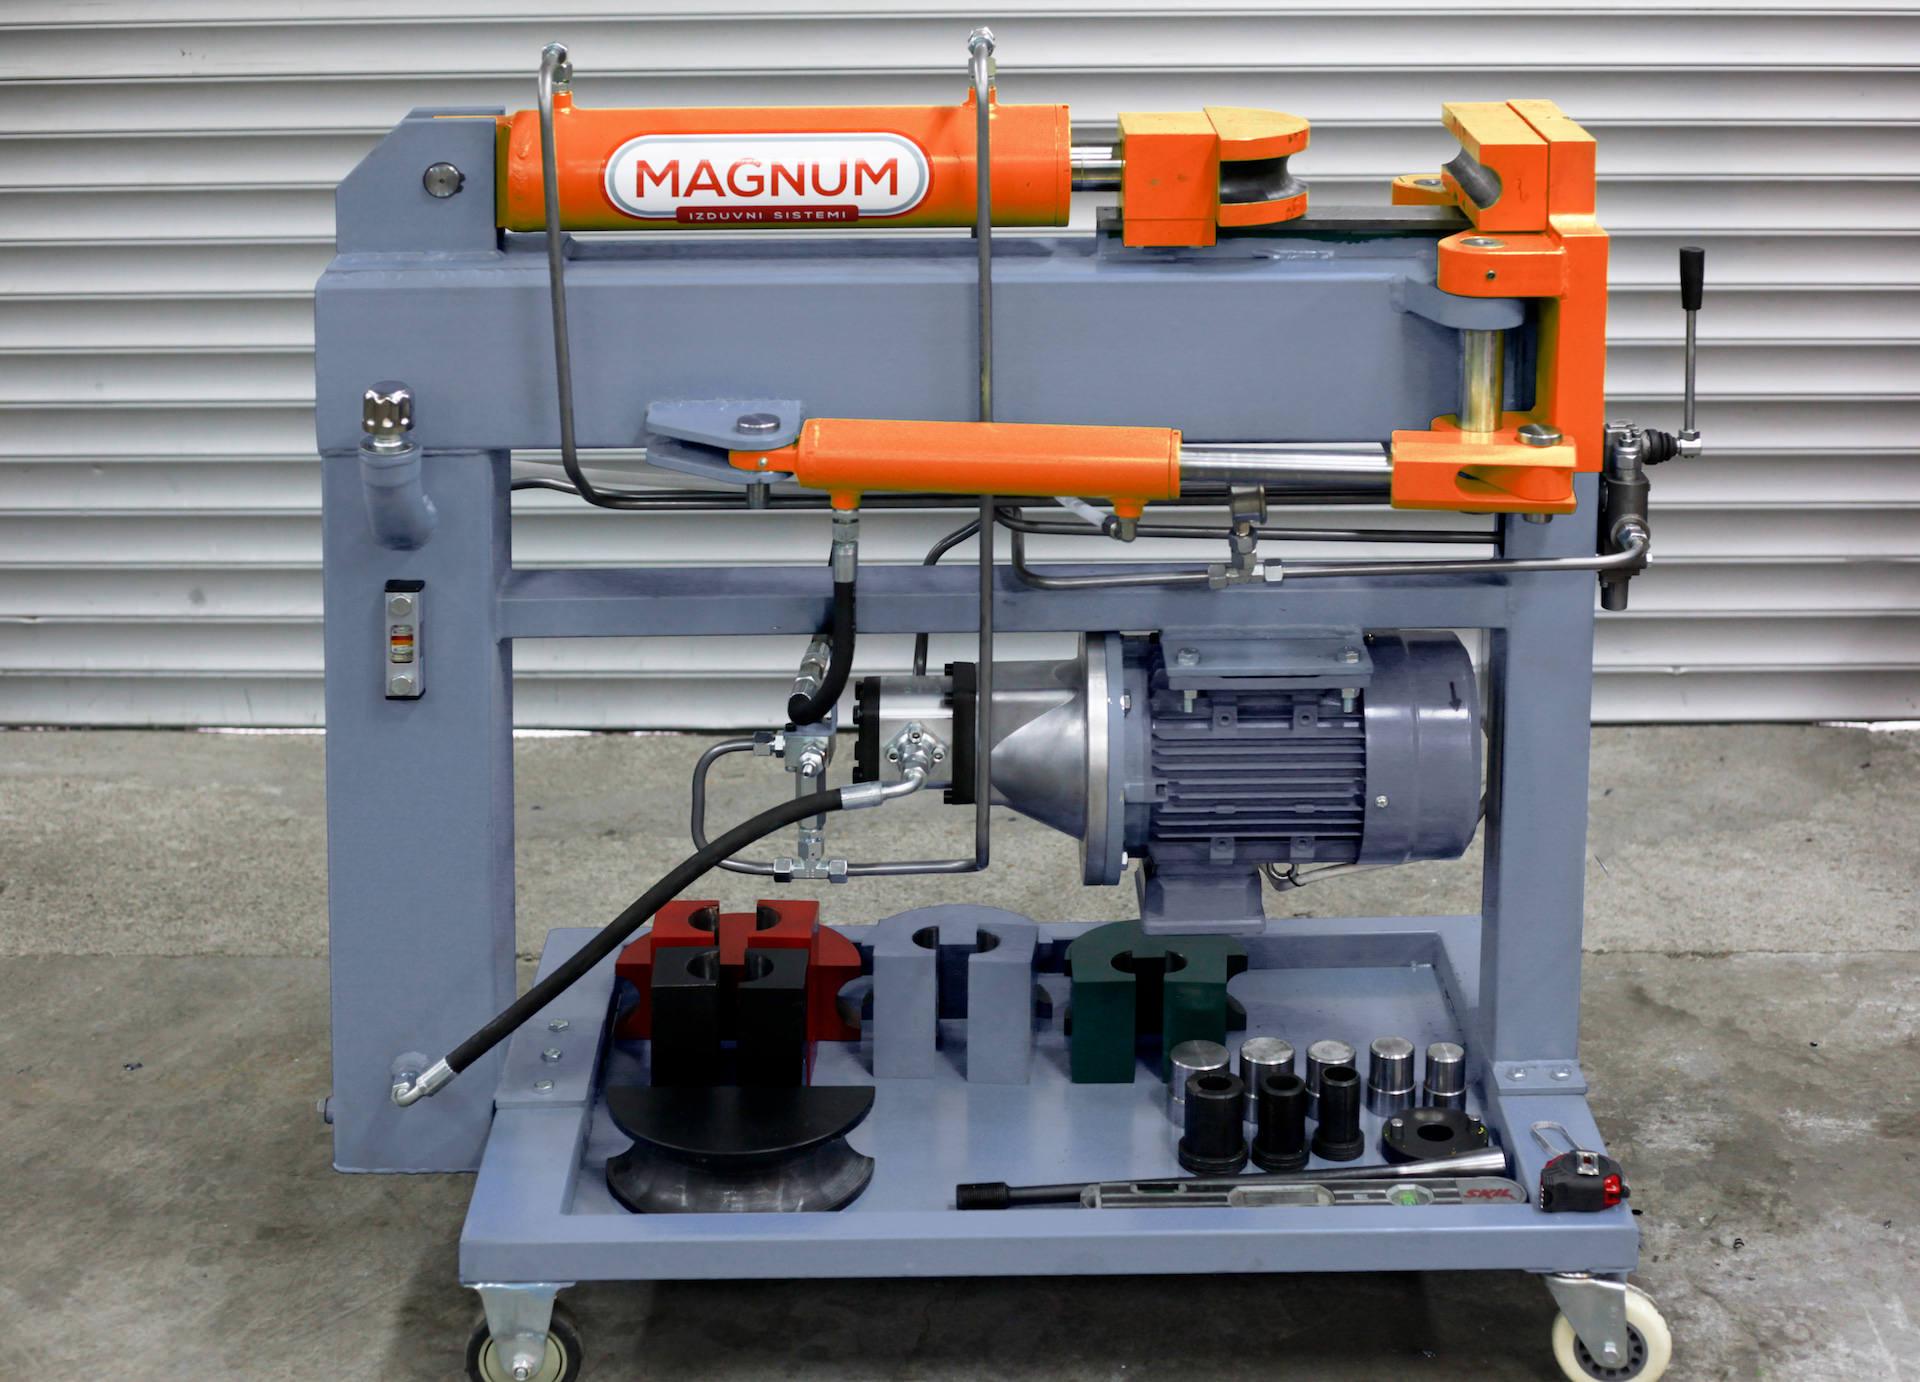 Magnum-auspuh-PBM60-masina-za-savijanje-cevi